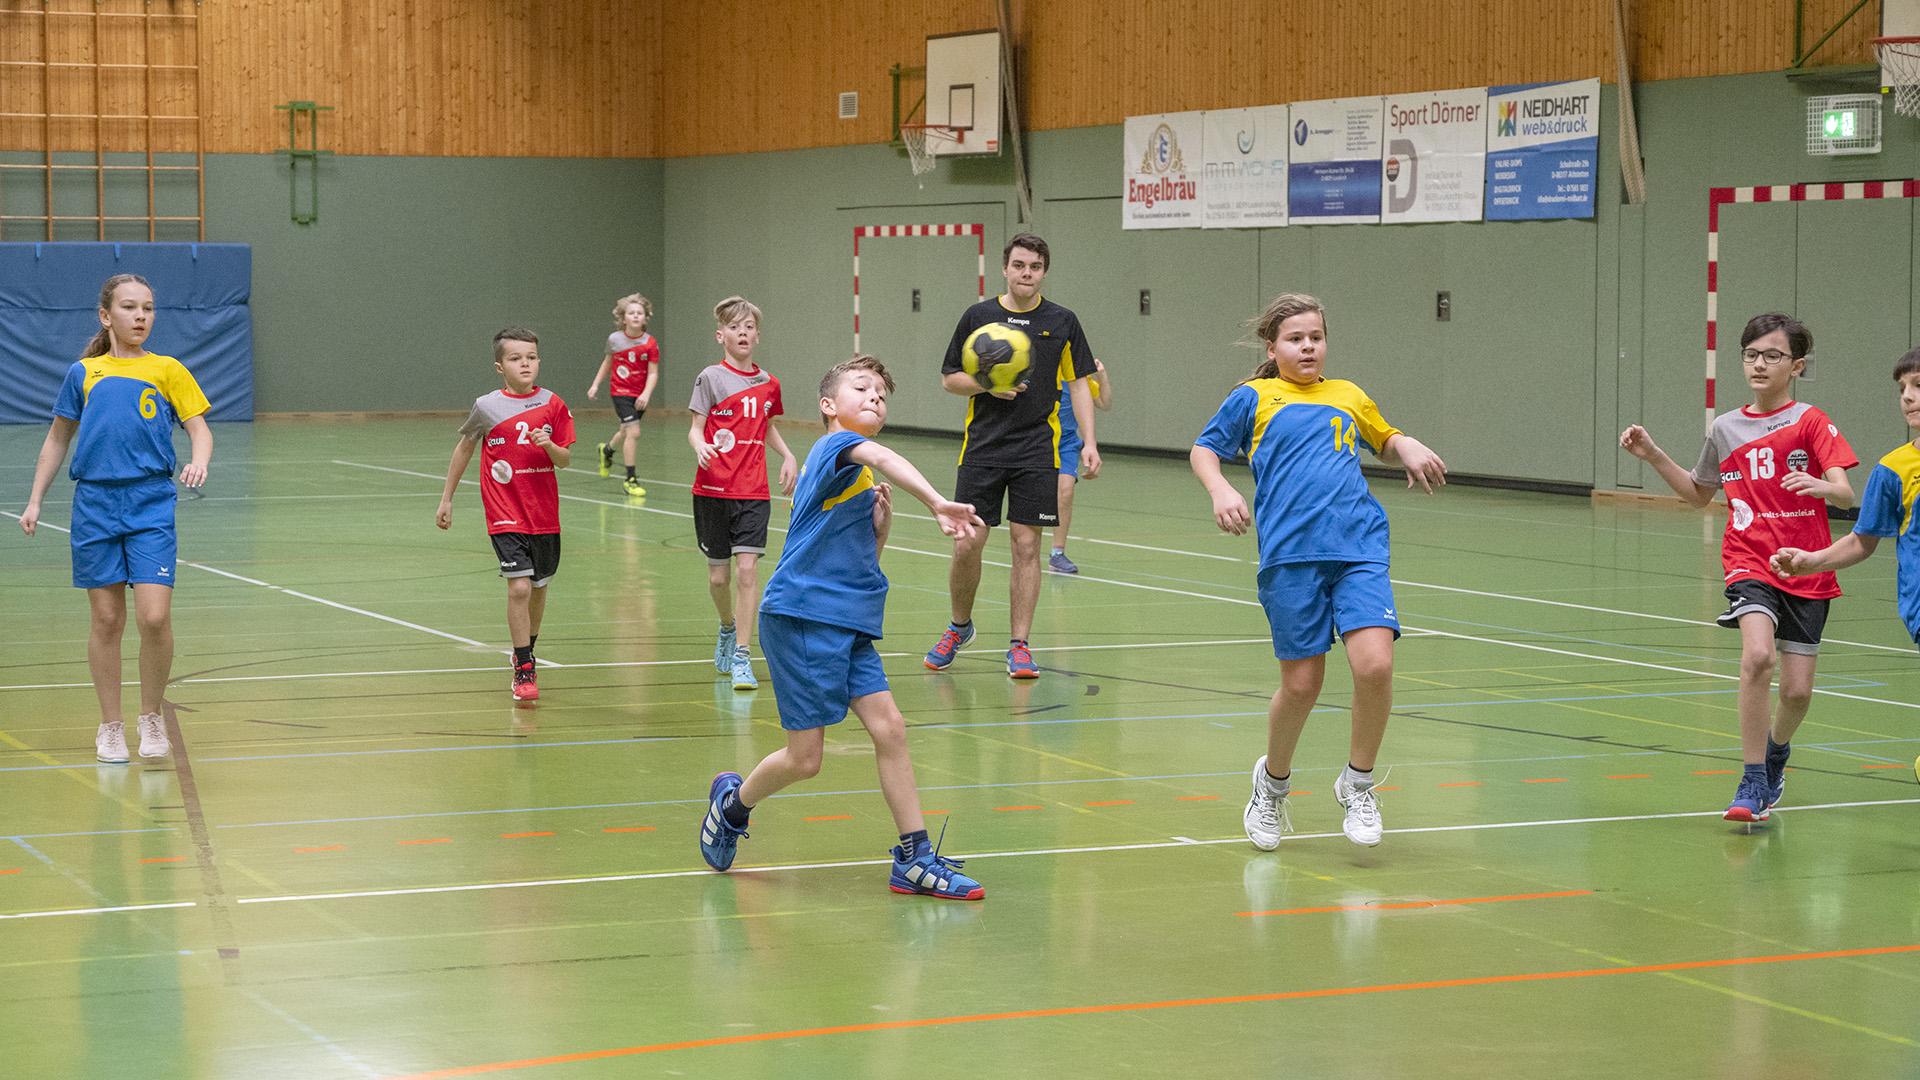 021Slider_gE_tsg_leutkirch_handball